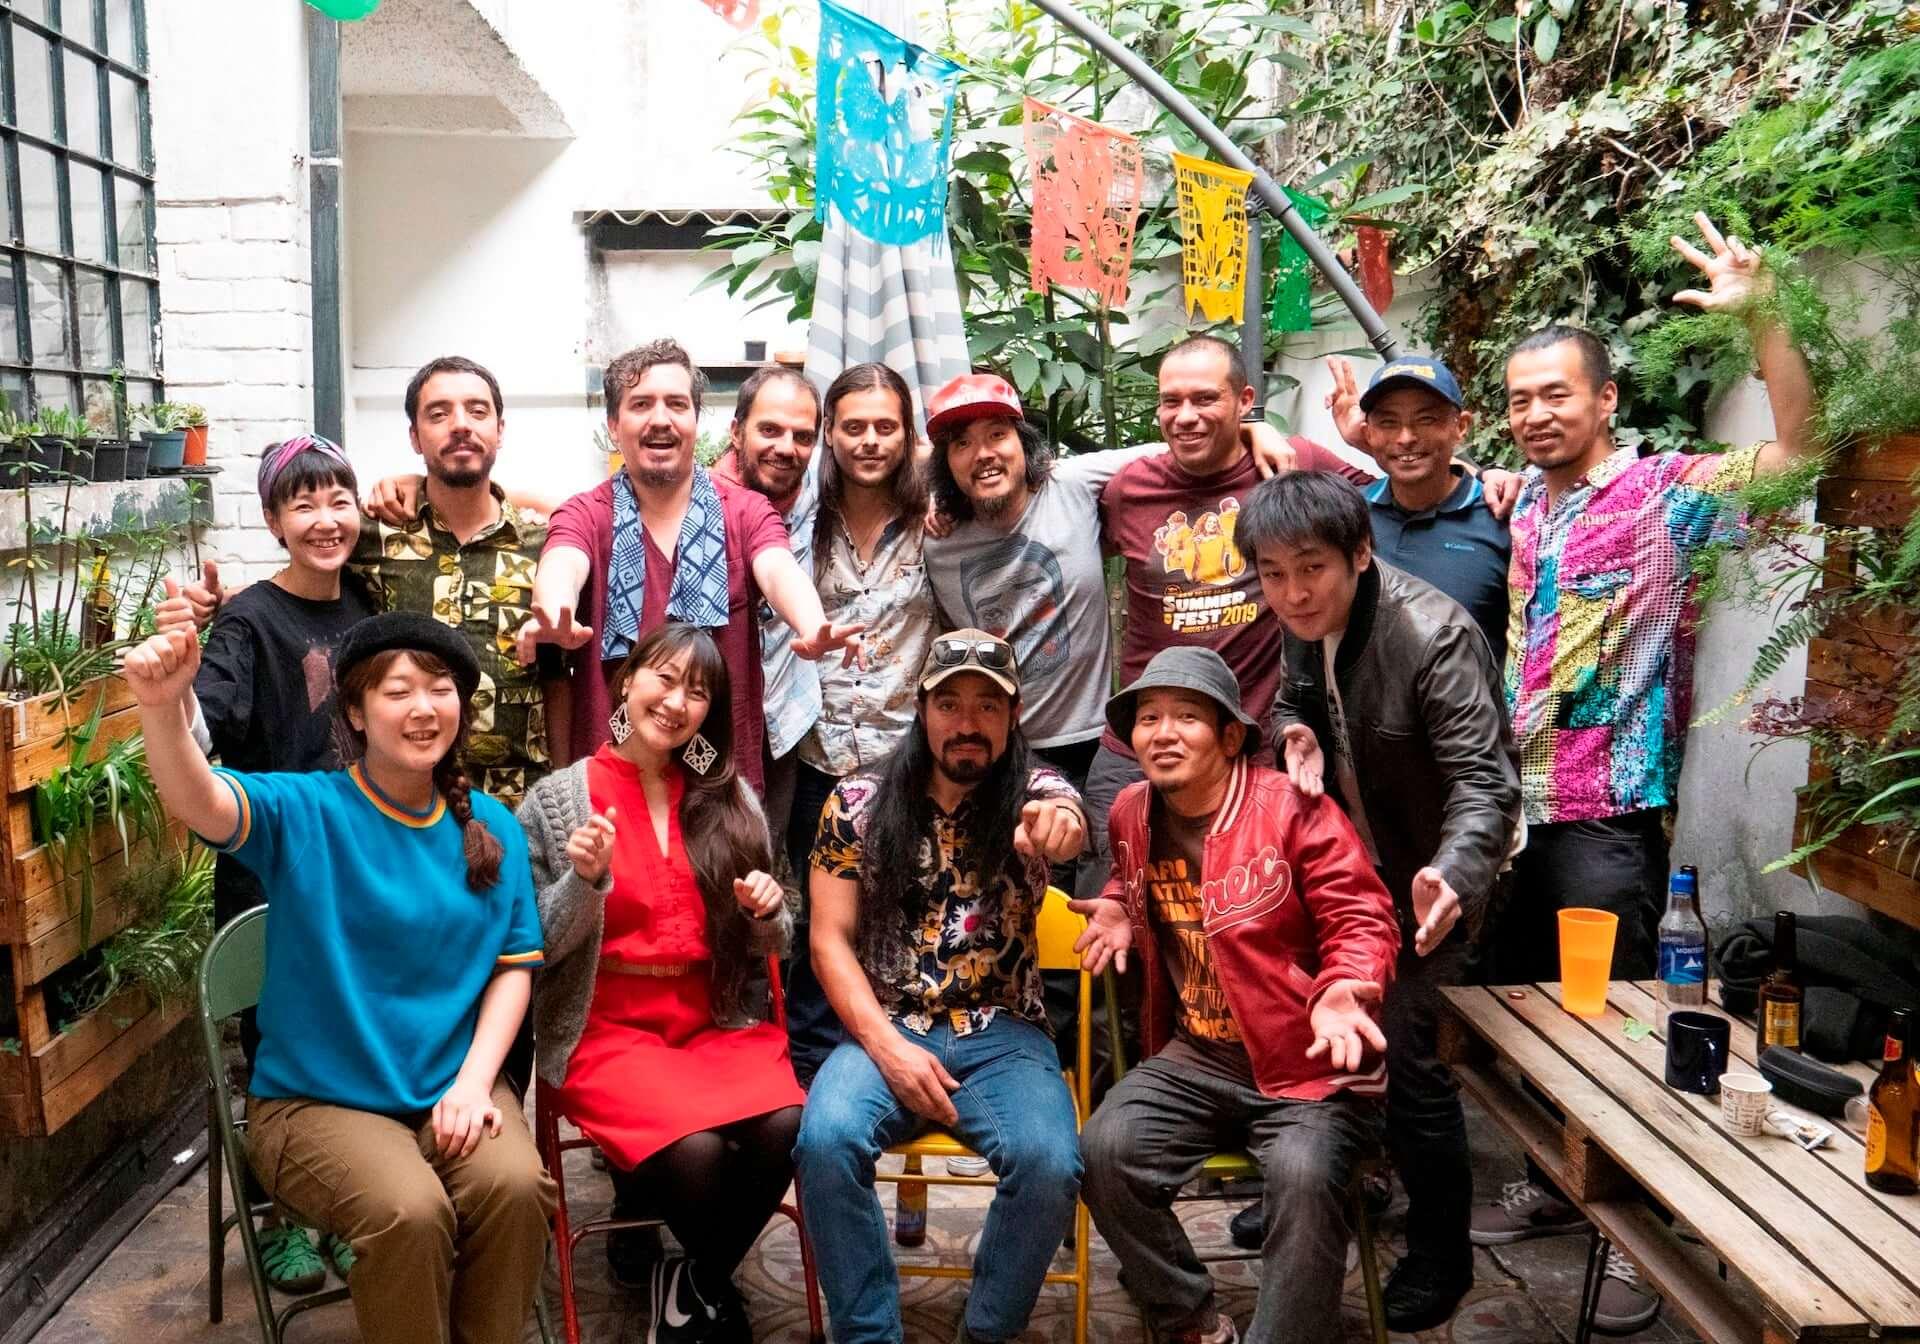 民謡クルセイダーズ&FRENTE CUMBIEROのコラボEPより、日本最古の ...